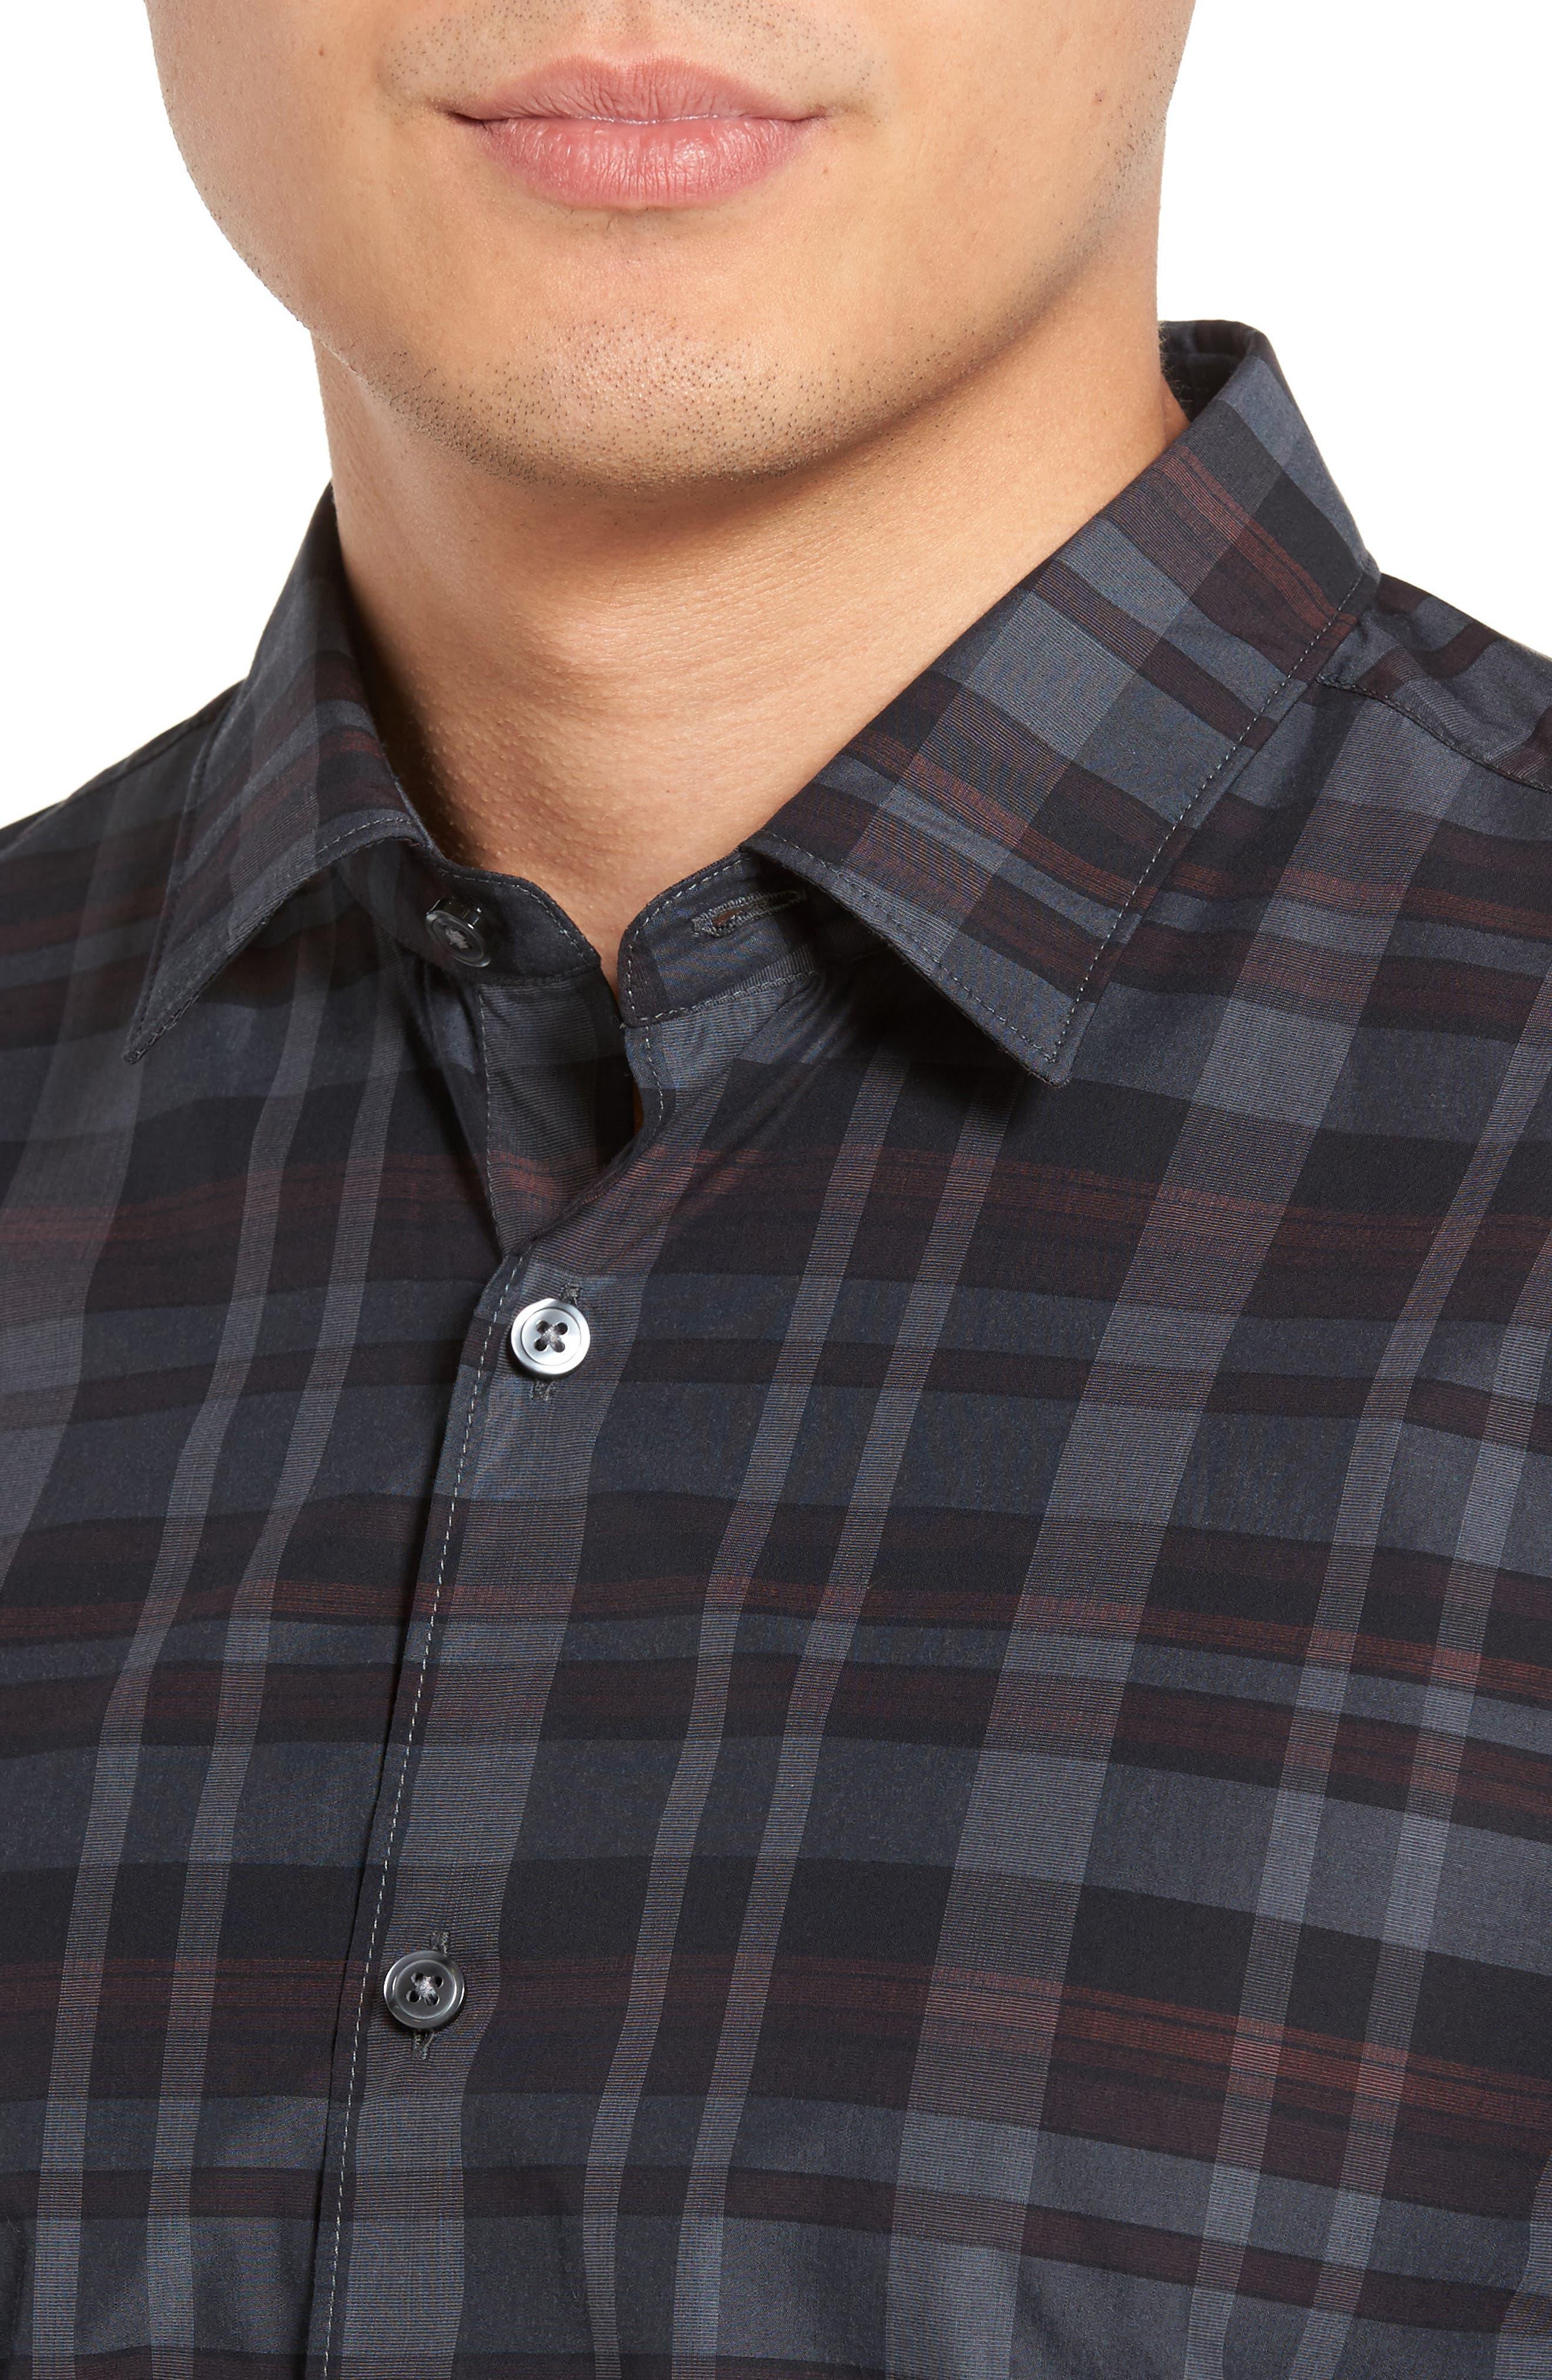 Trim Fit Check Sport Shirt,                             Alternate thumbnail 4, color,                             600